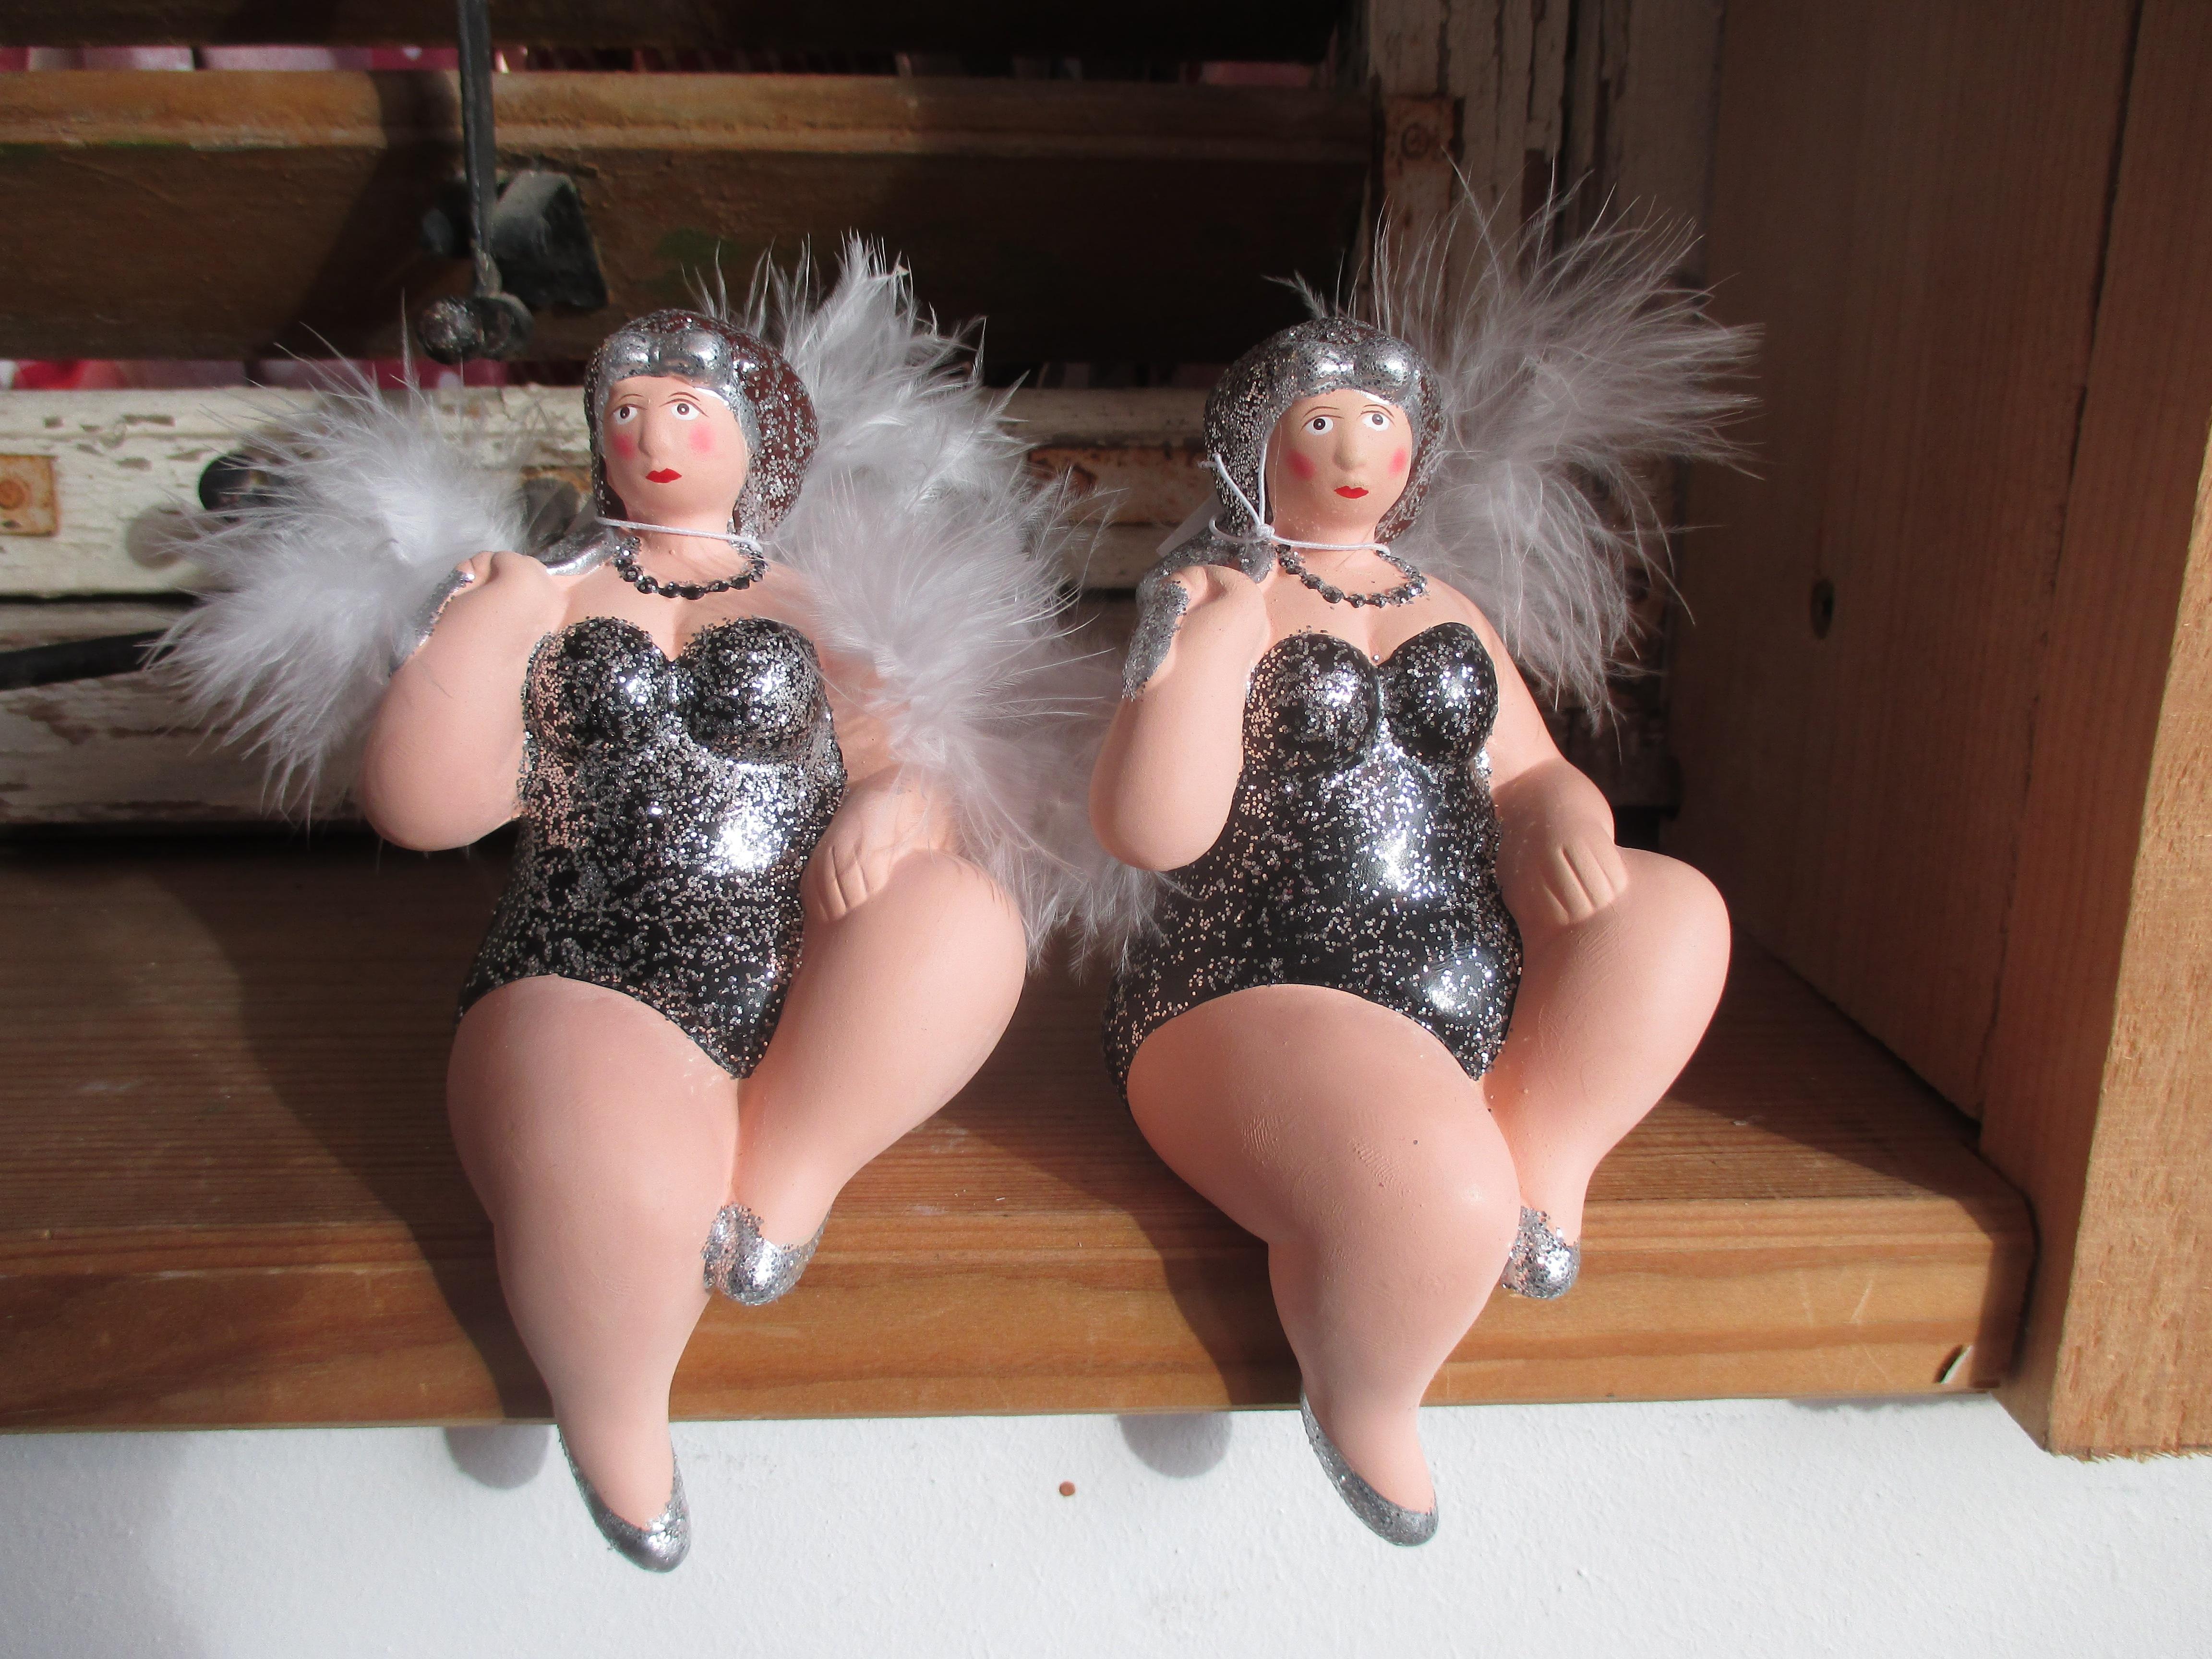 Толстушки в платьях фото, Пышные девушки -фото. Шикарные формы тела 19 фотография